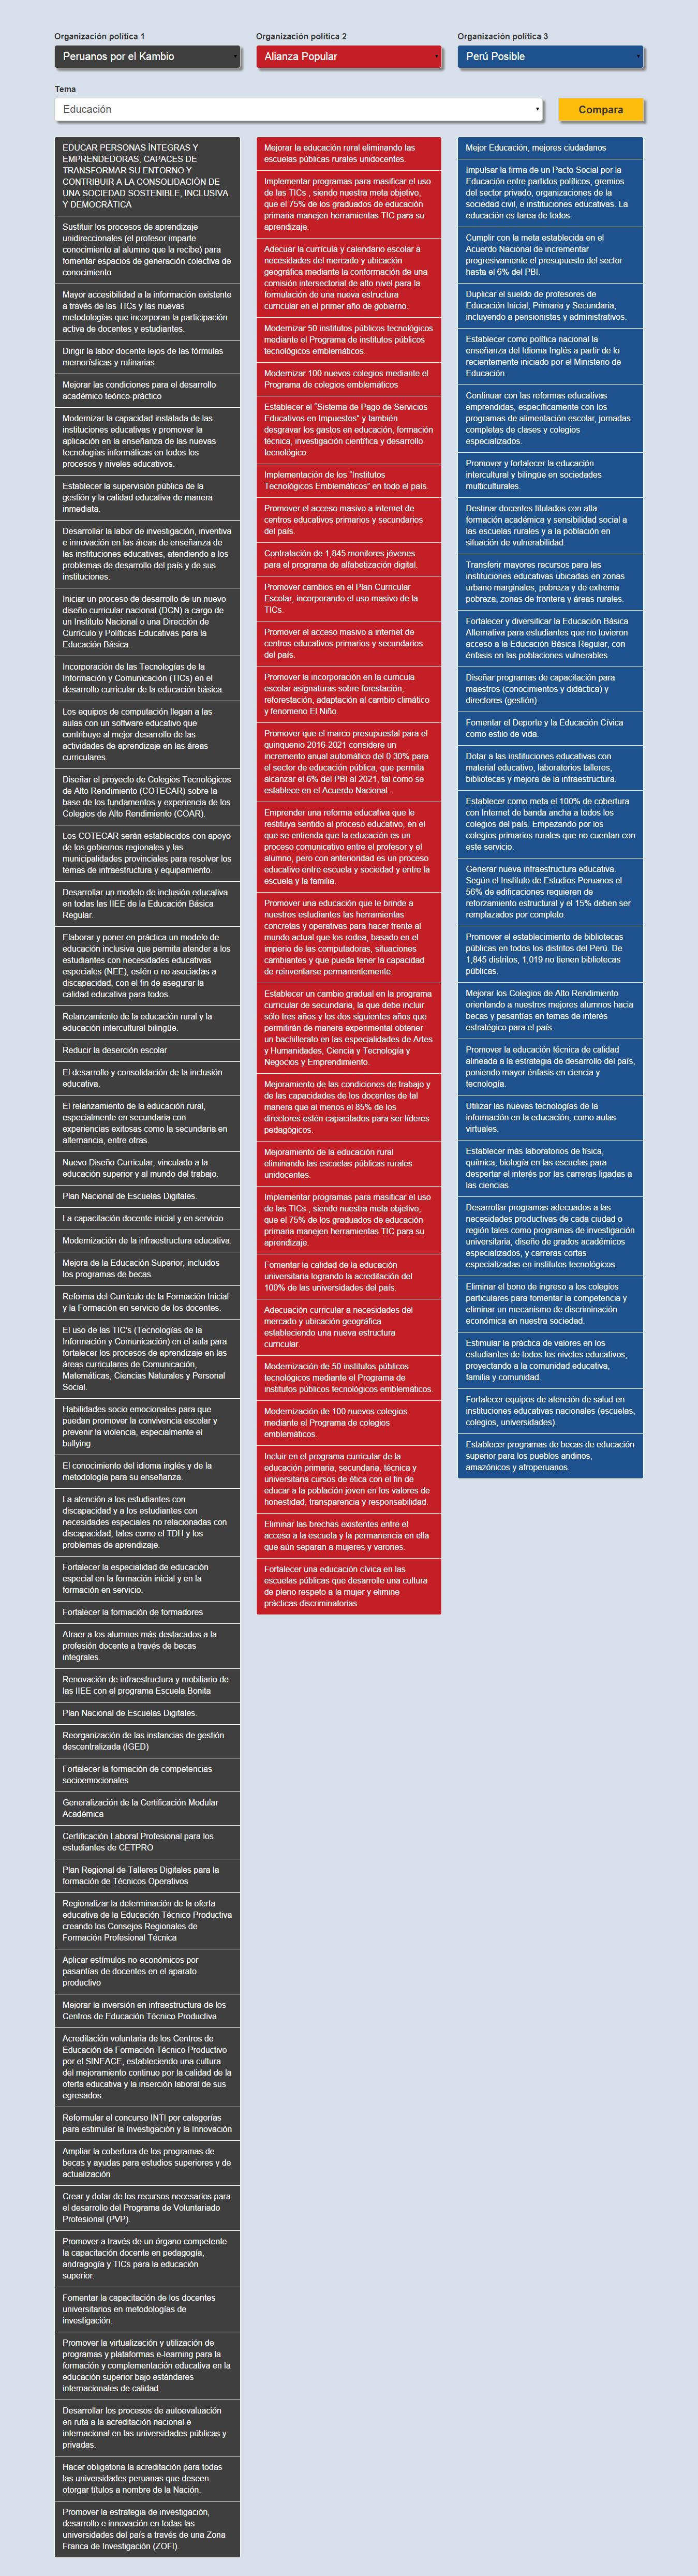 Compara Ya   Elecciones 2016 456 lugar